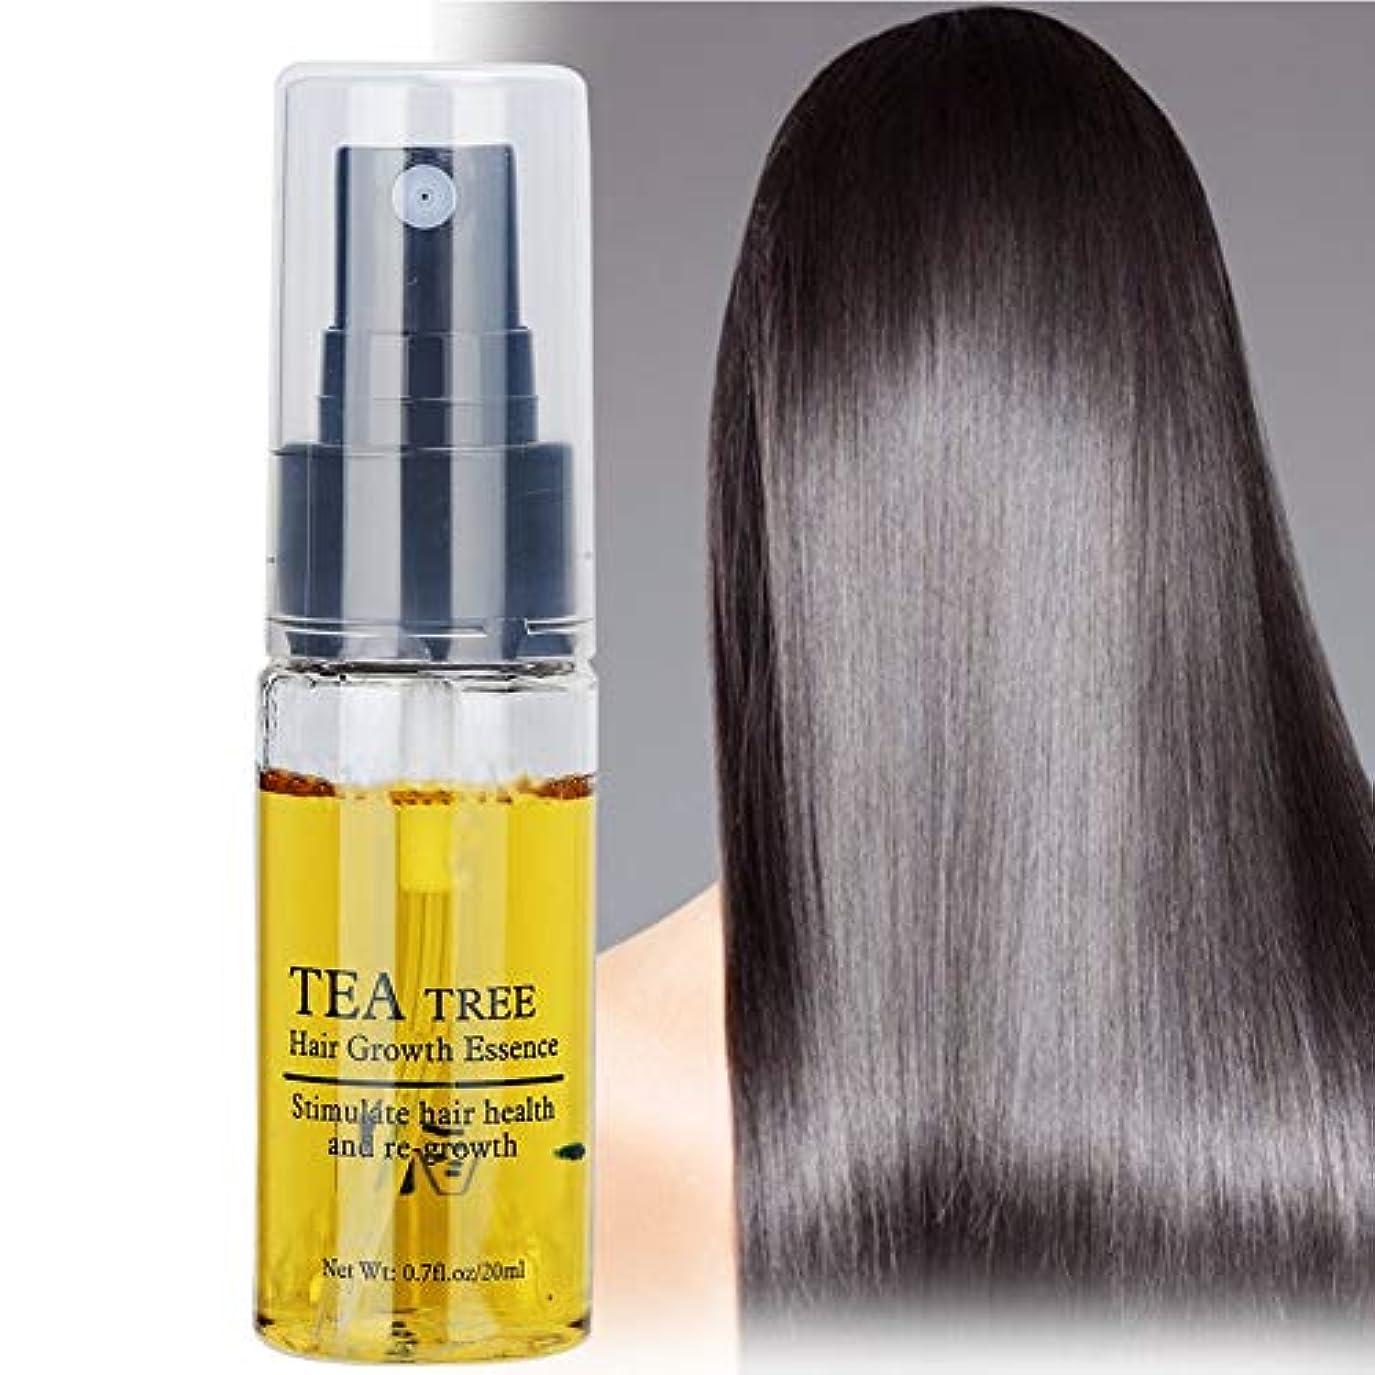 必須ポルノどのくらいの頻度で毛の成長の液体、反毛損失20ml茶速い毛の成長の本質の反毛損失の養う自然な植物のエキス